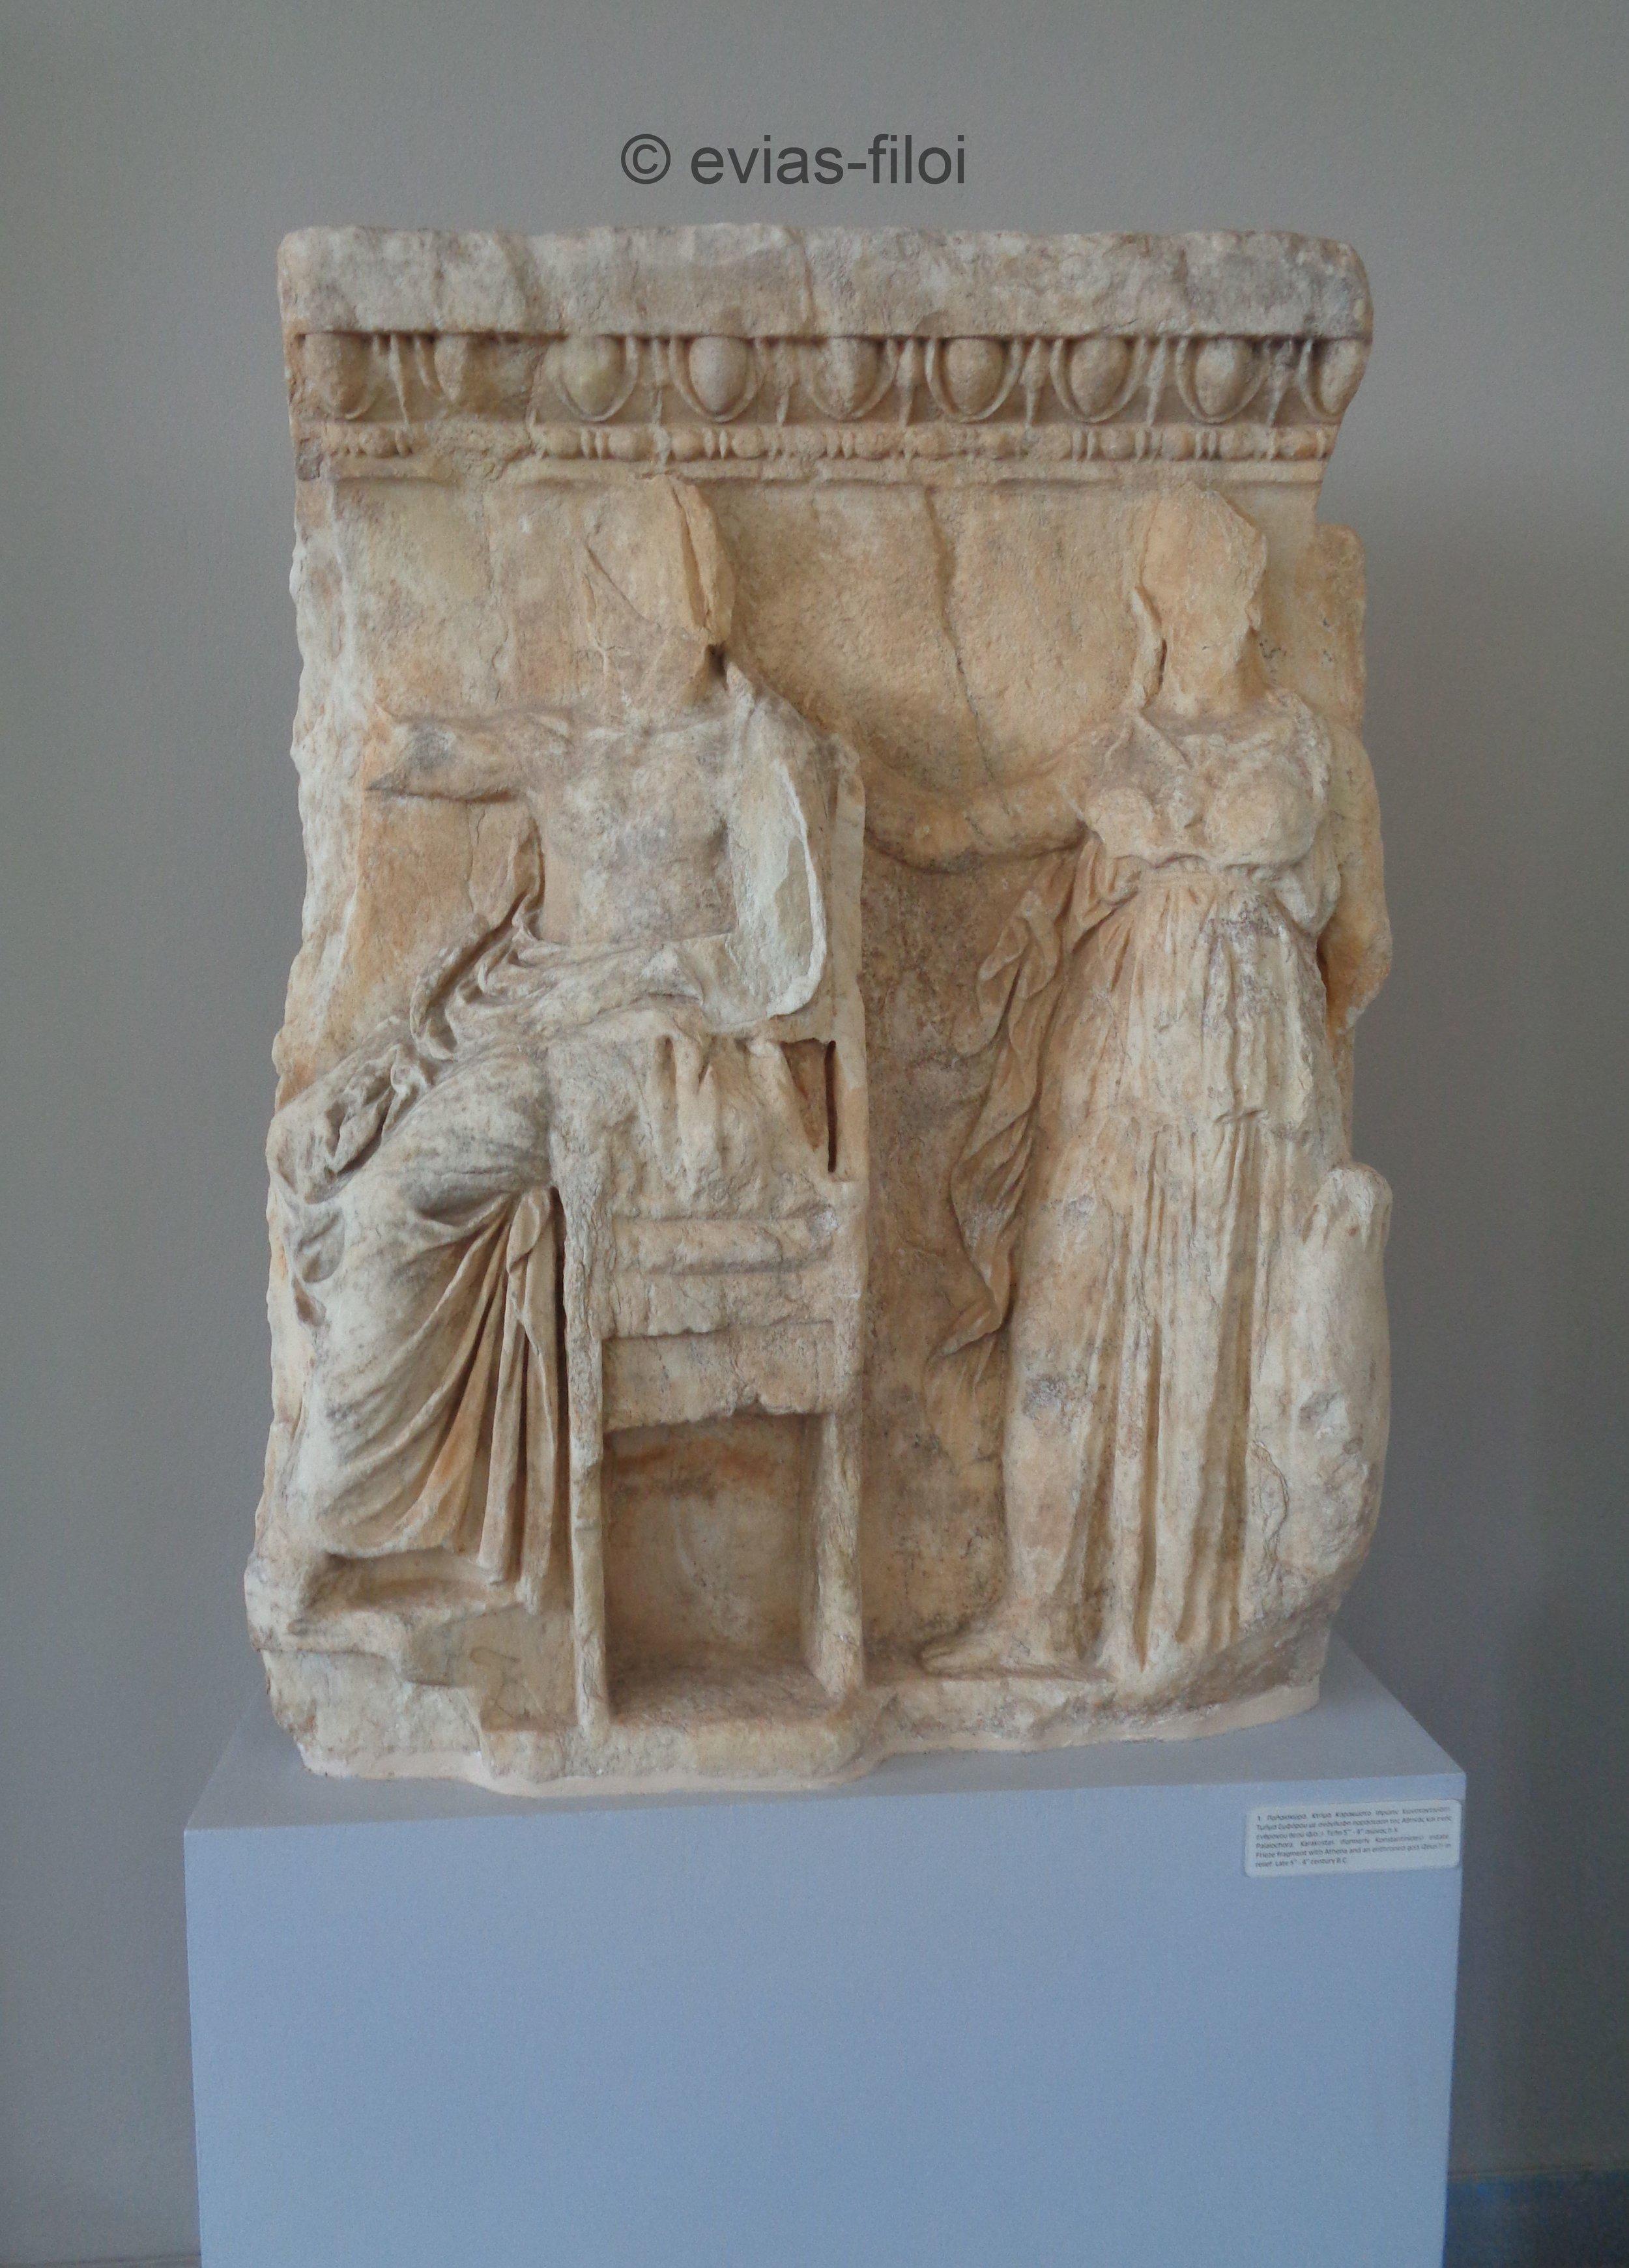 Παλαιοχώρα.Τμήμα ζωφόρου με ανάγλυφη παράσταση της Αθηνάς και του (ένθρονου) Δία